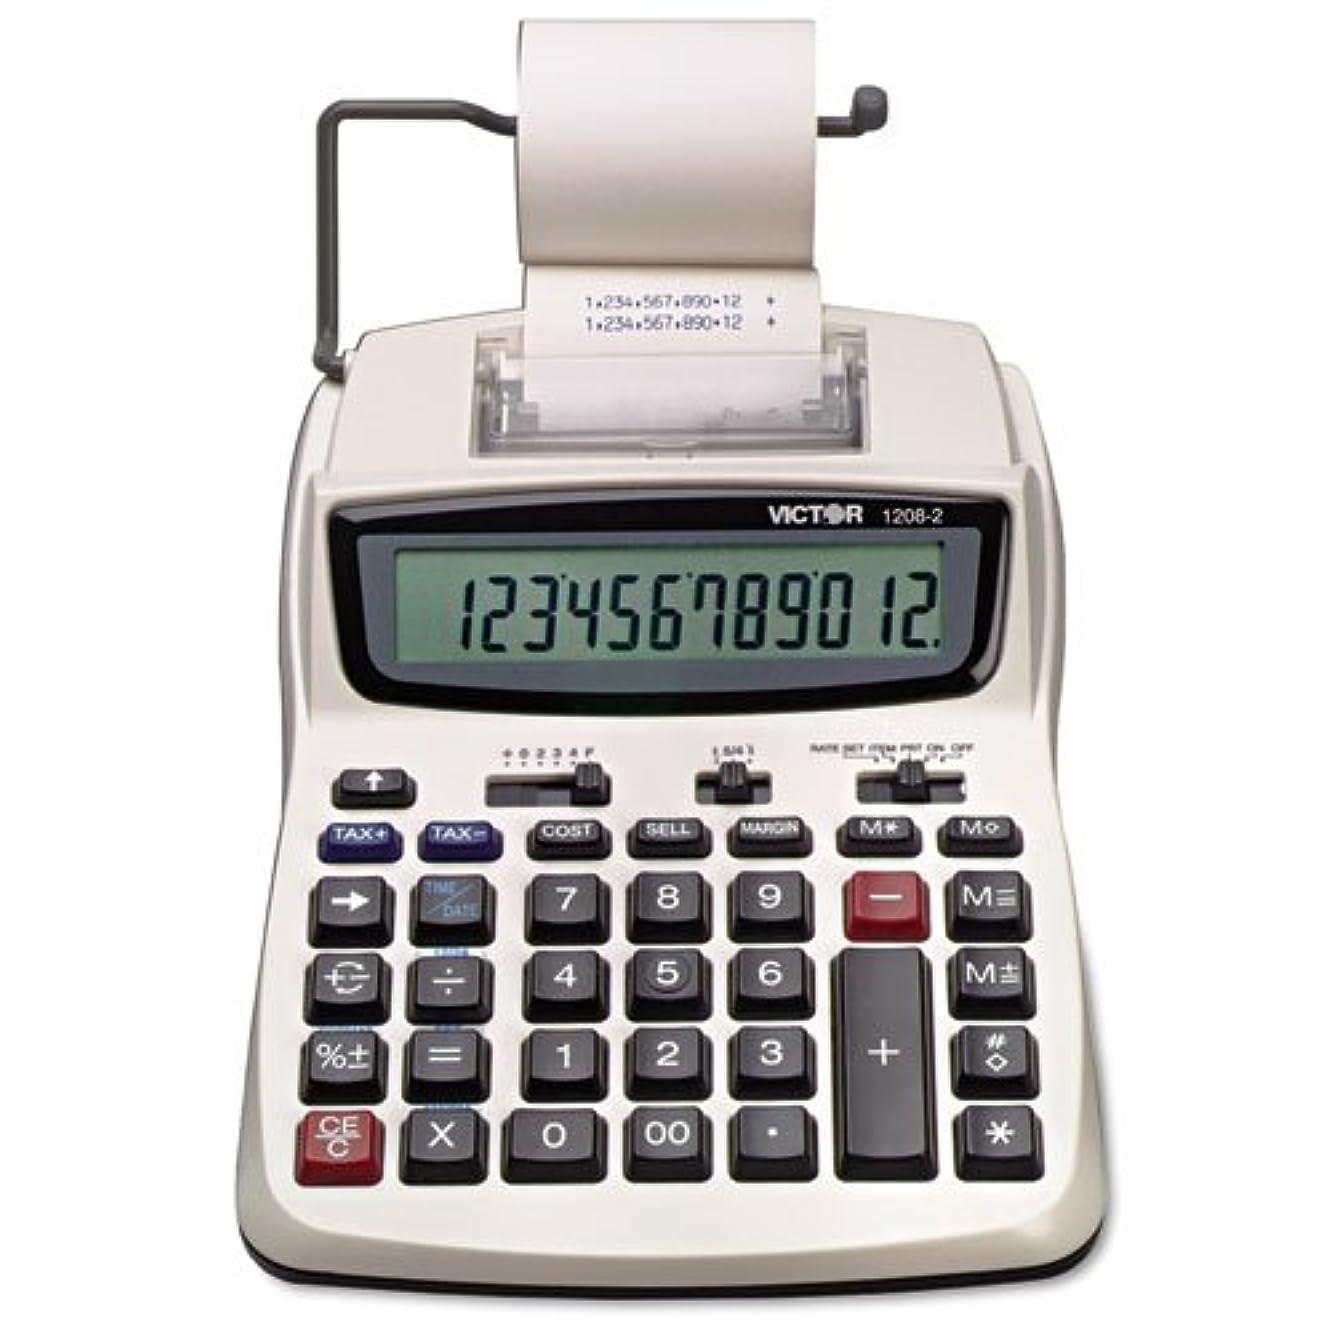 シャンプー回答橋Victor?–?1208?–?2?2色コンパクト印刷電卓、ブラック/レッド印刷、2.3?Lines/sec 1208?–?2?(DMI EA